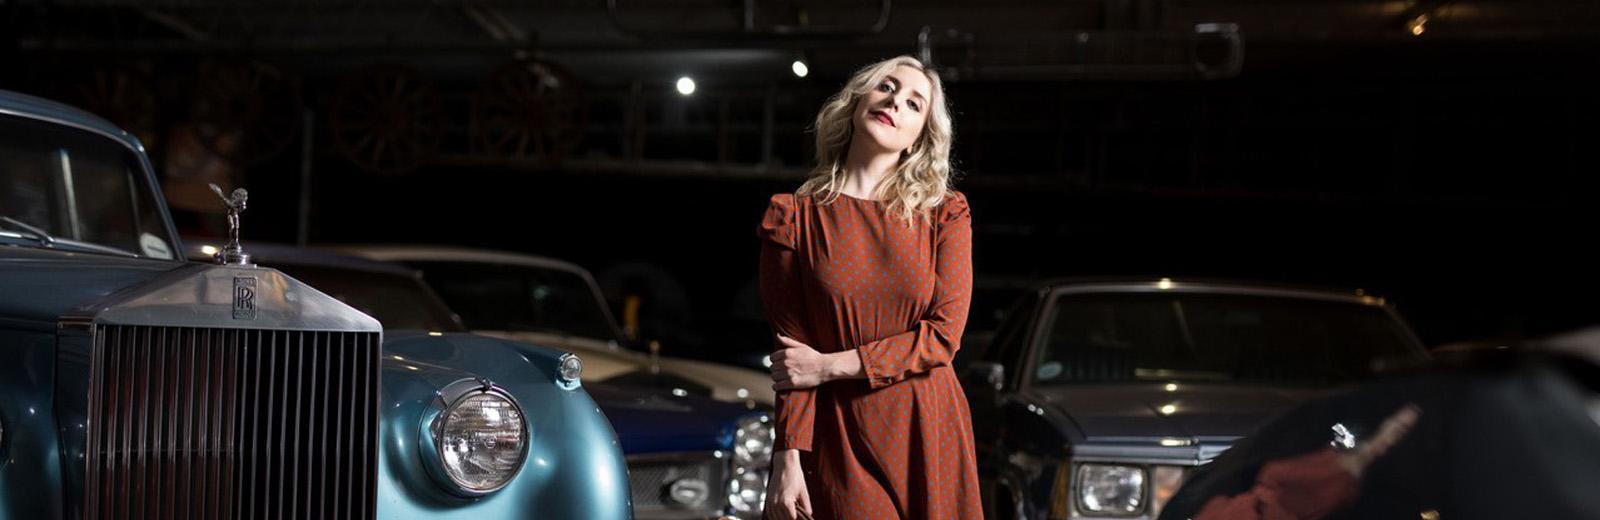 Under the Spotlight: Victoria Stevens Image